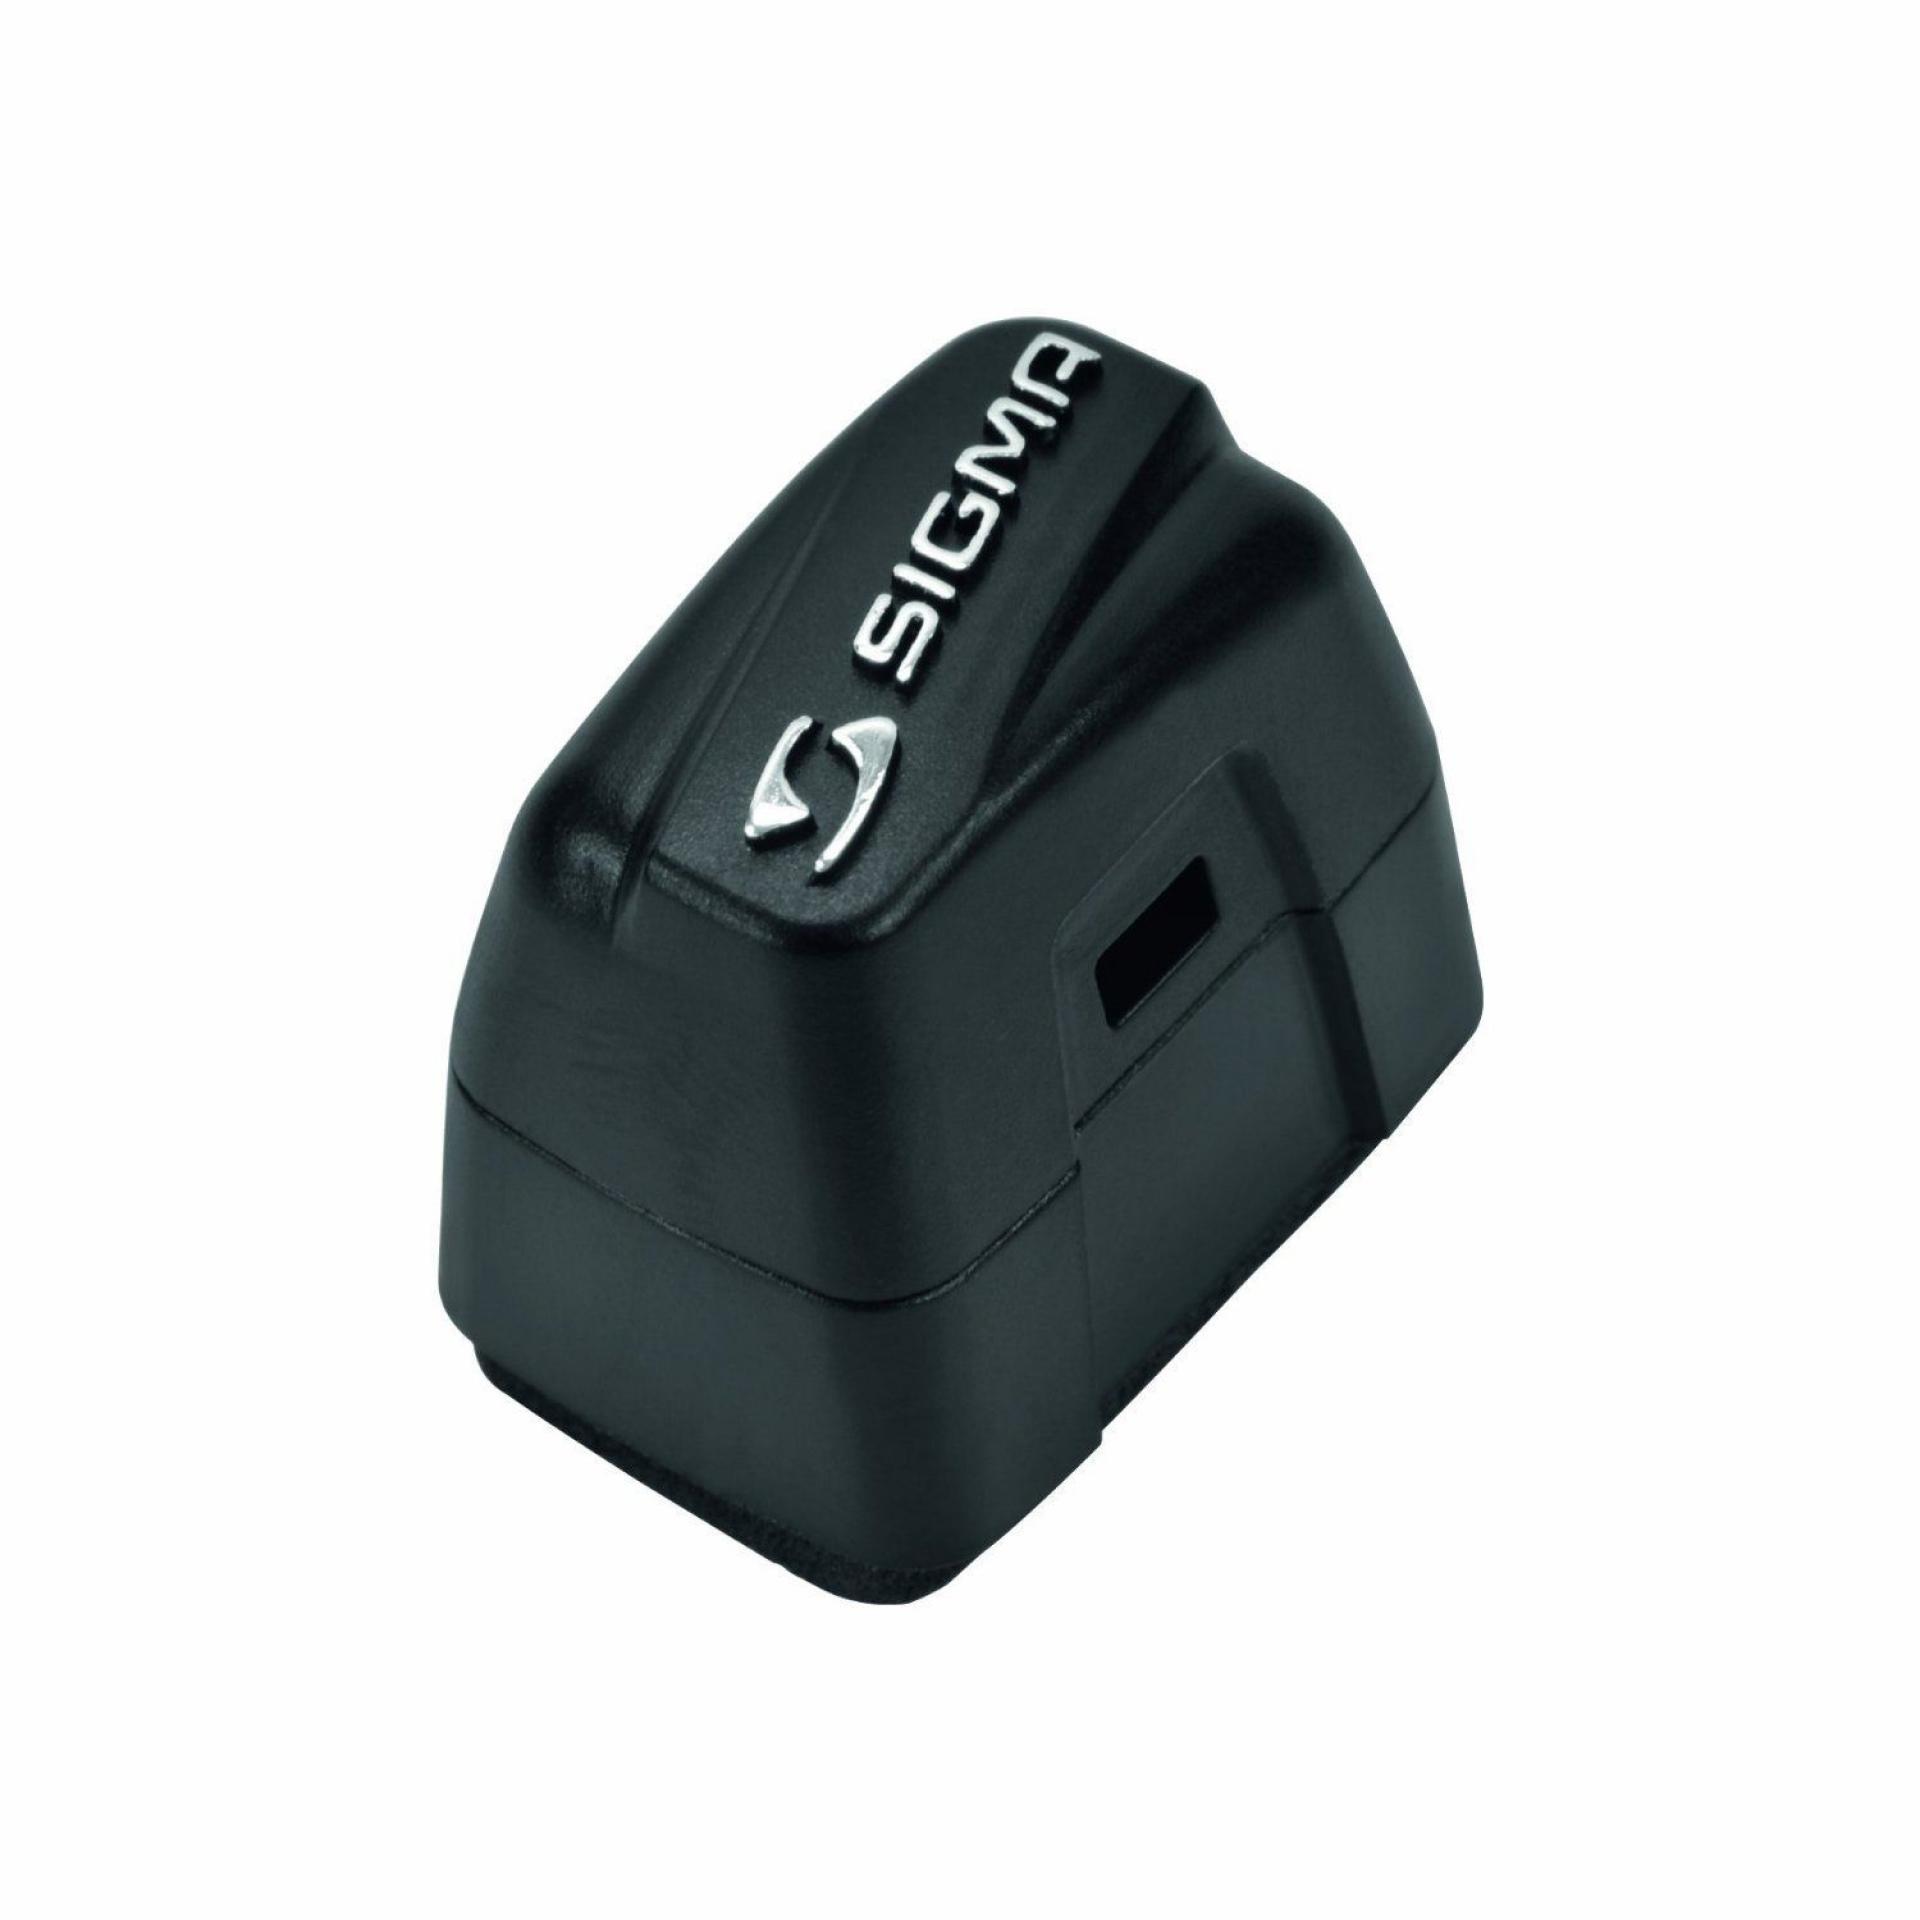 Aimant fréquence pédalage Sigma 00414 Noir